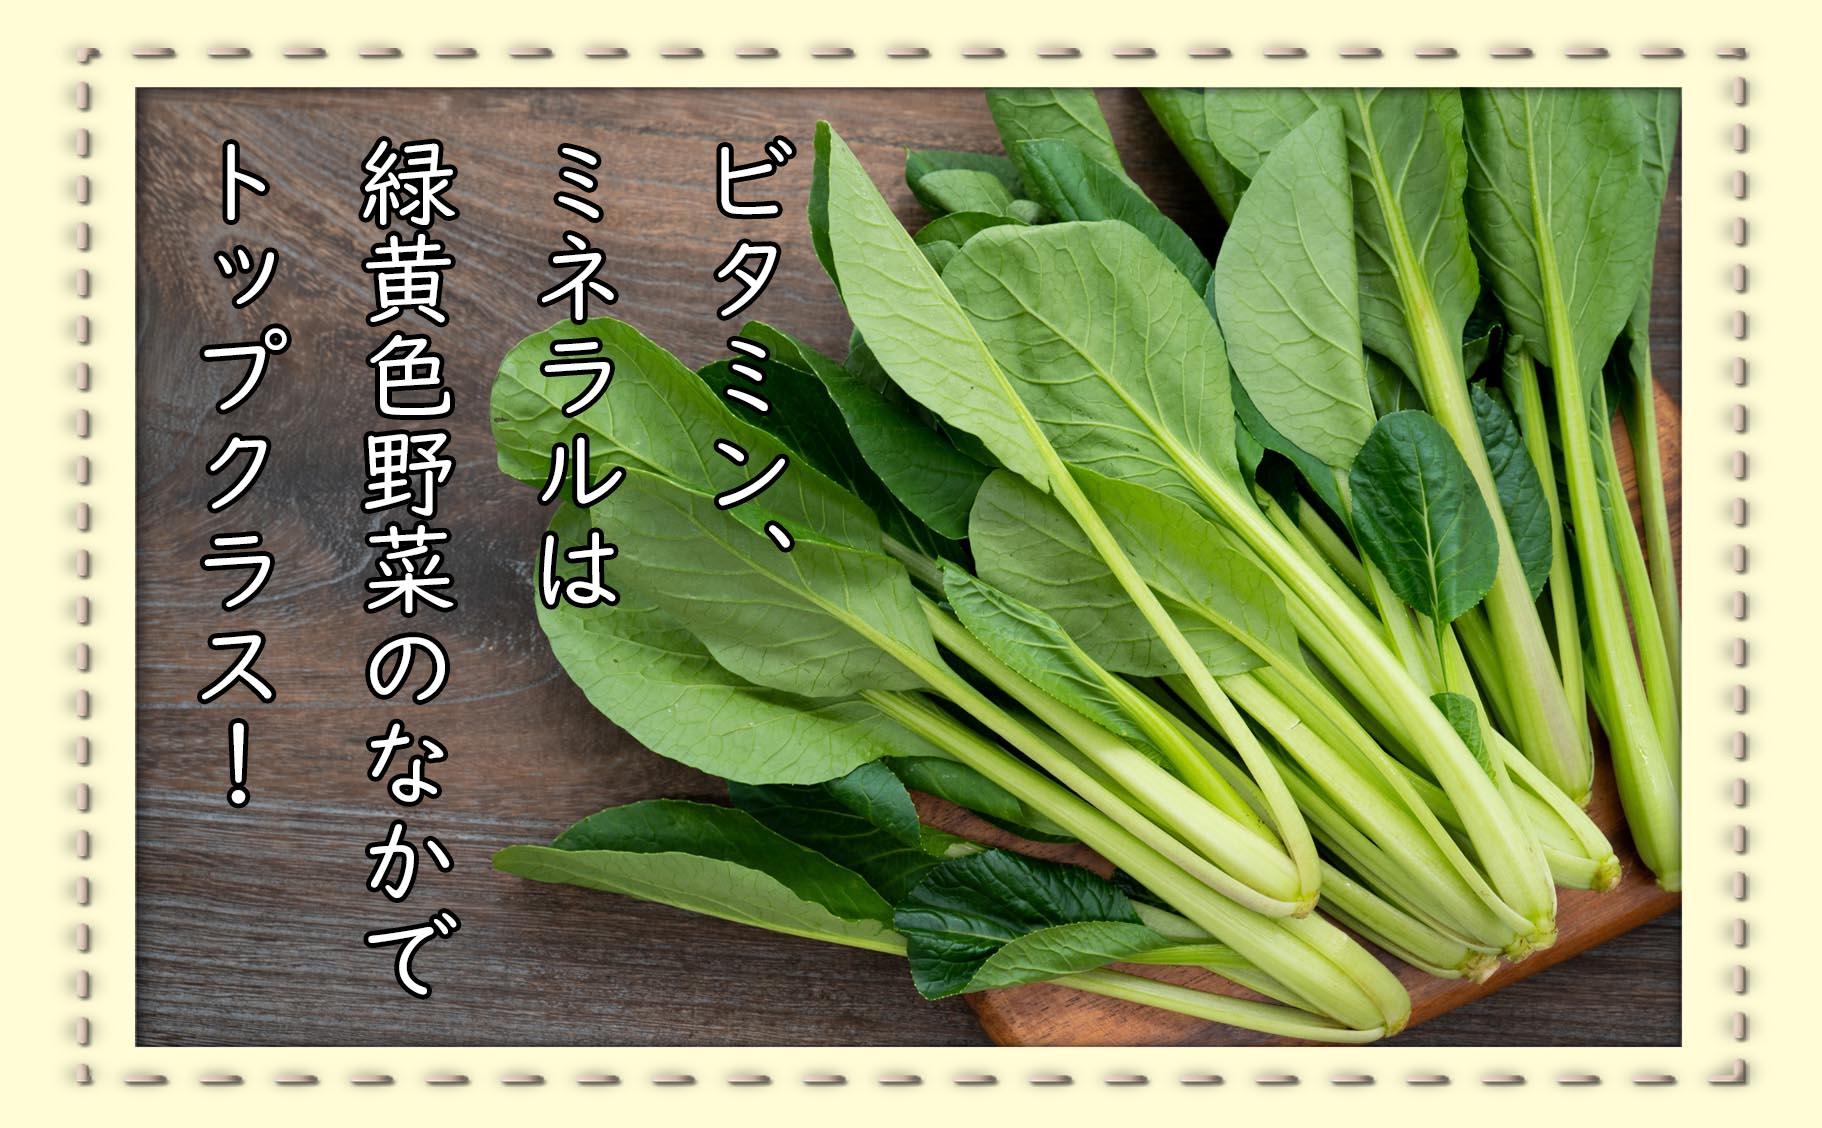 江戸っ子野菜といえば「小松菜」!